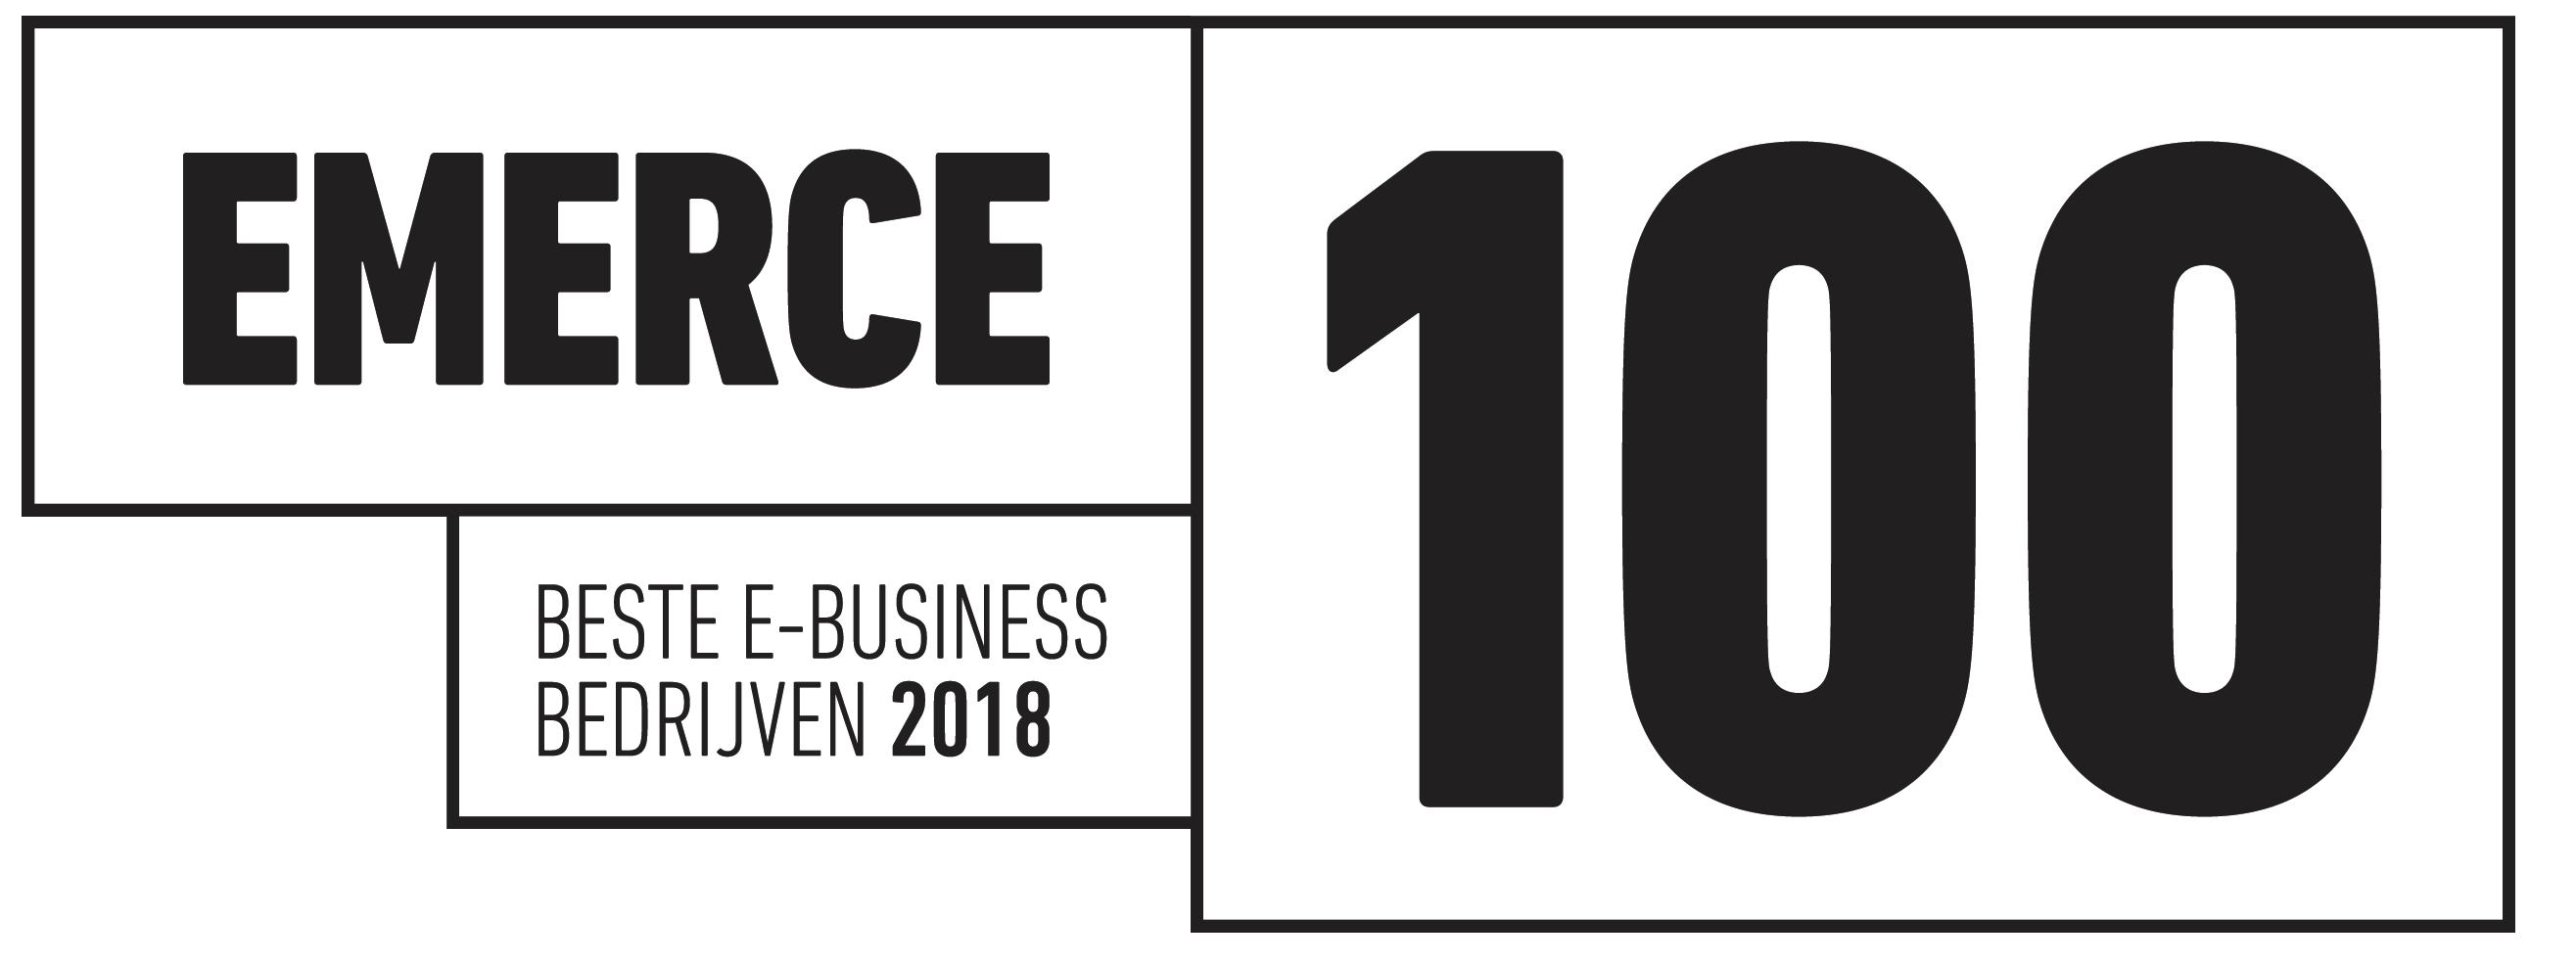 Emerce beste e-commercebureaus 2018